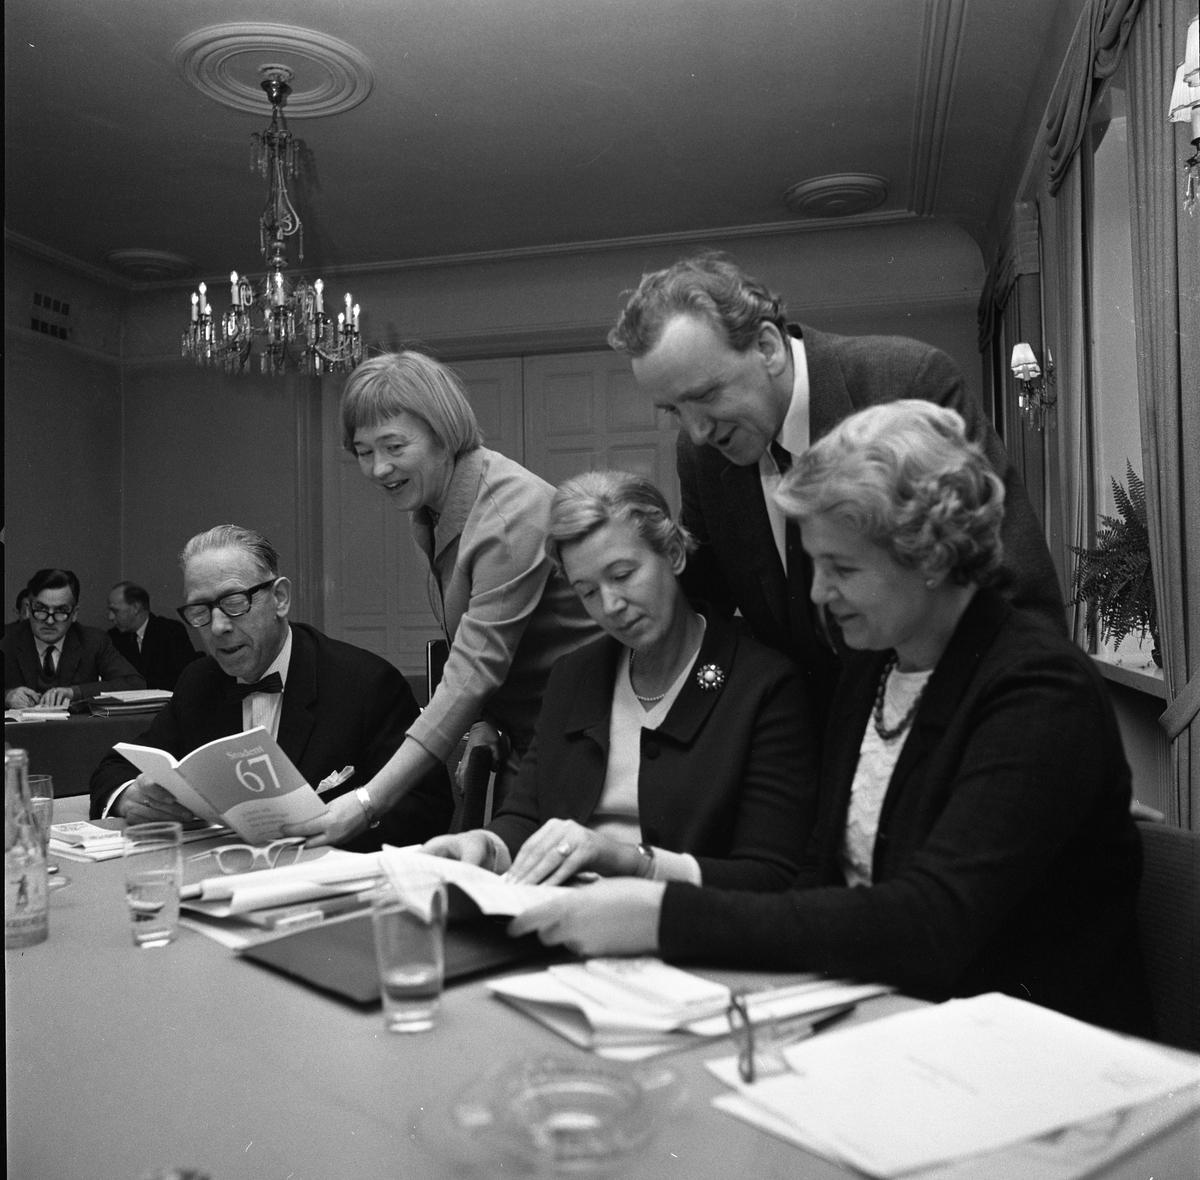 Arbetsförmedlare på konferens. Tre kvinnor och fem män i vacker lokal. Ljuskrona i taket, vattenglas och papper på borden.